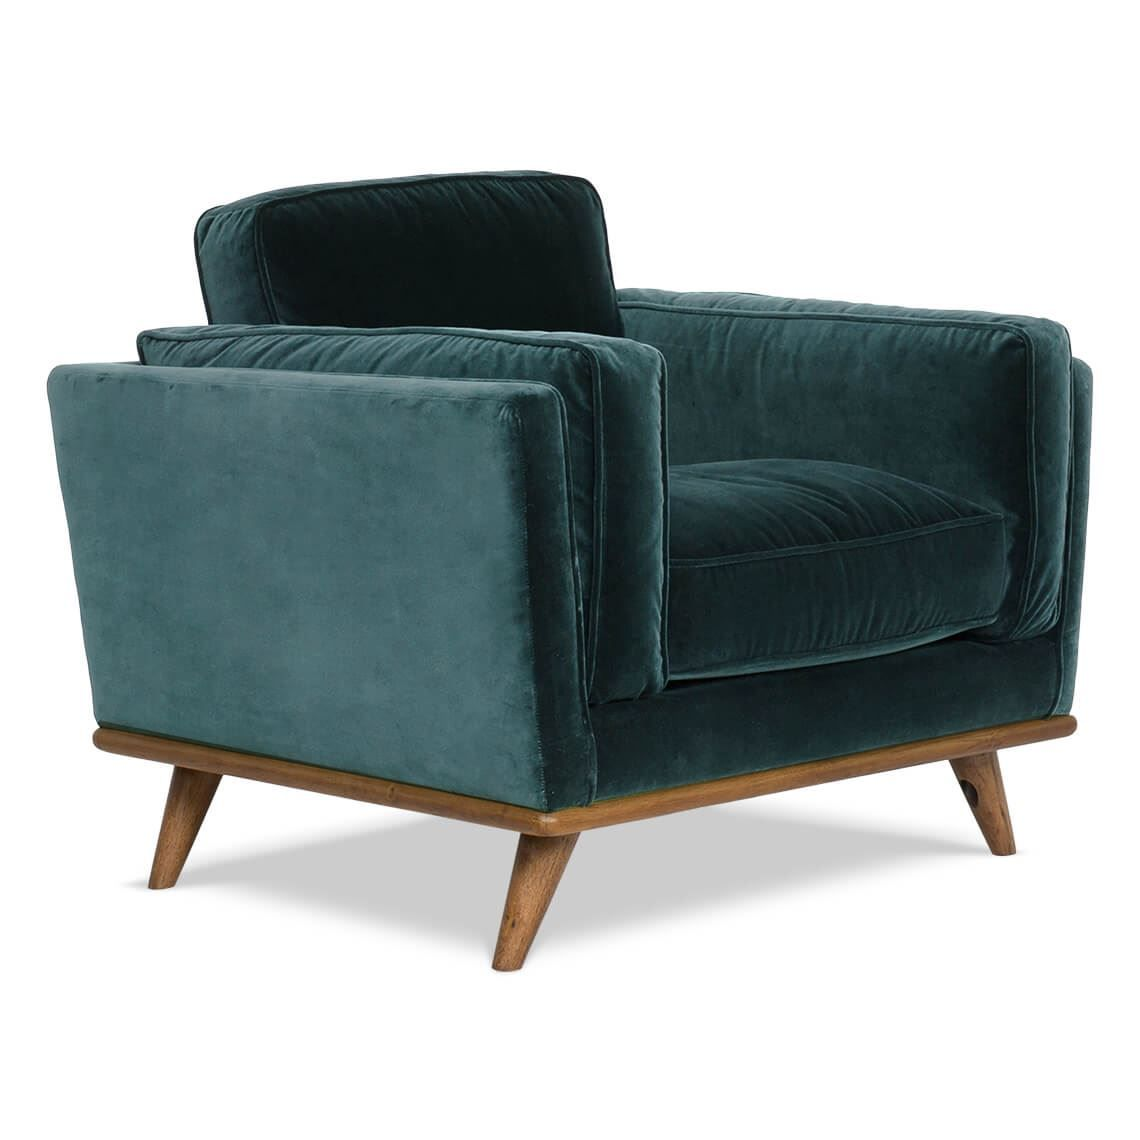 Super Dahlia Velvet Armchair In 2019 Upholstery Fabric For Creativecarmelina Interior Chair Design Creativecarmelinacom